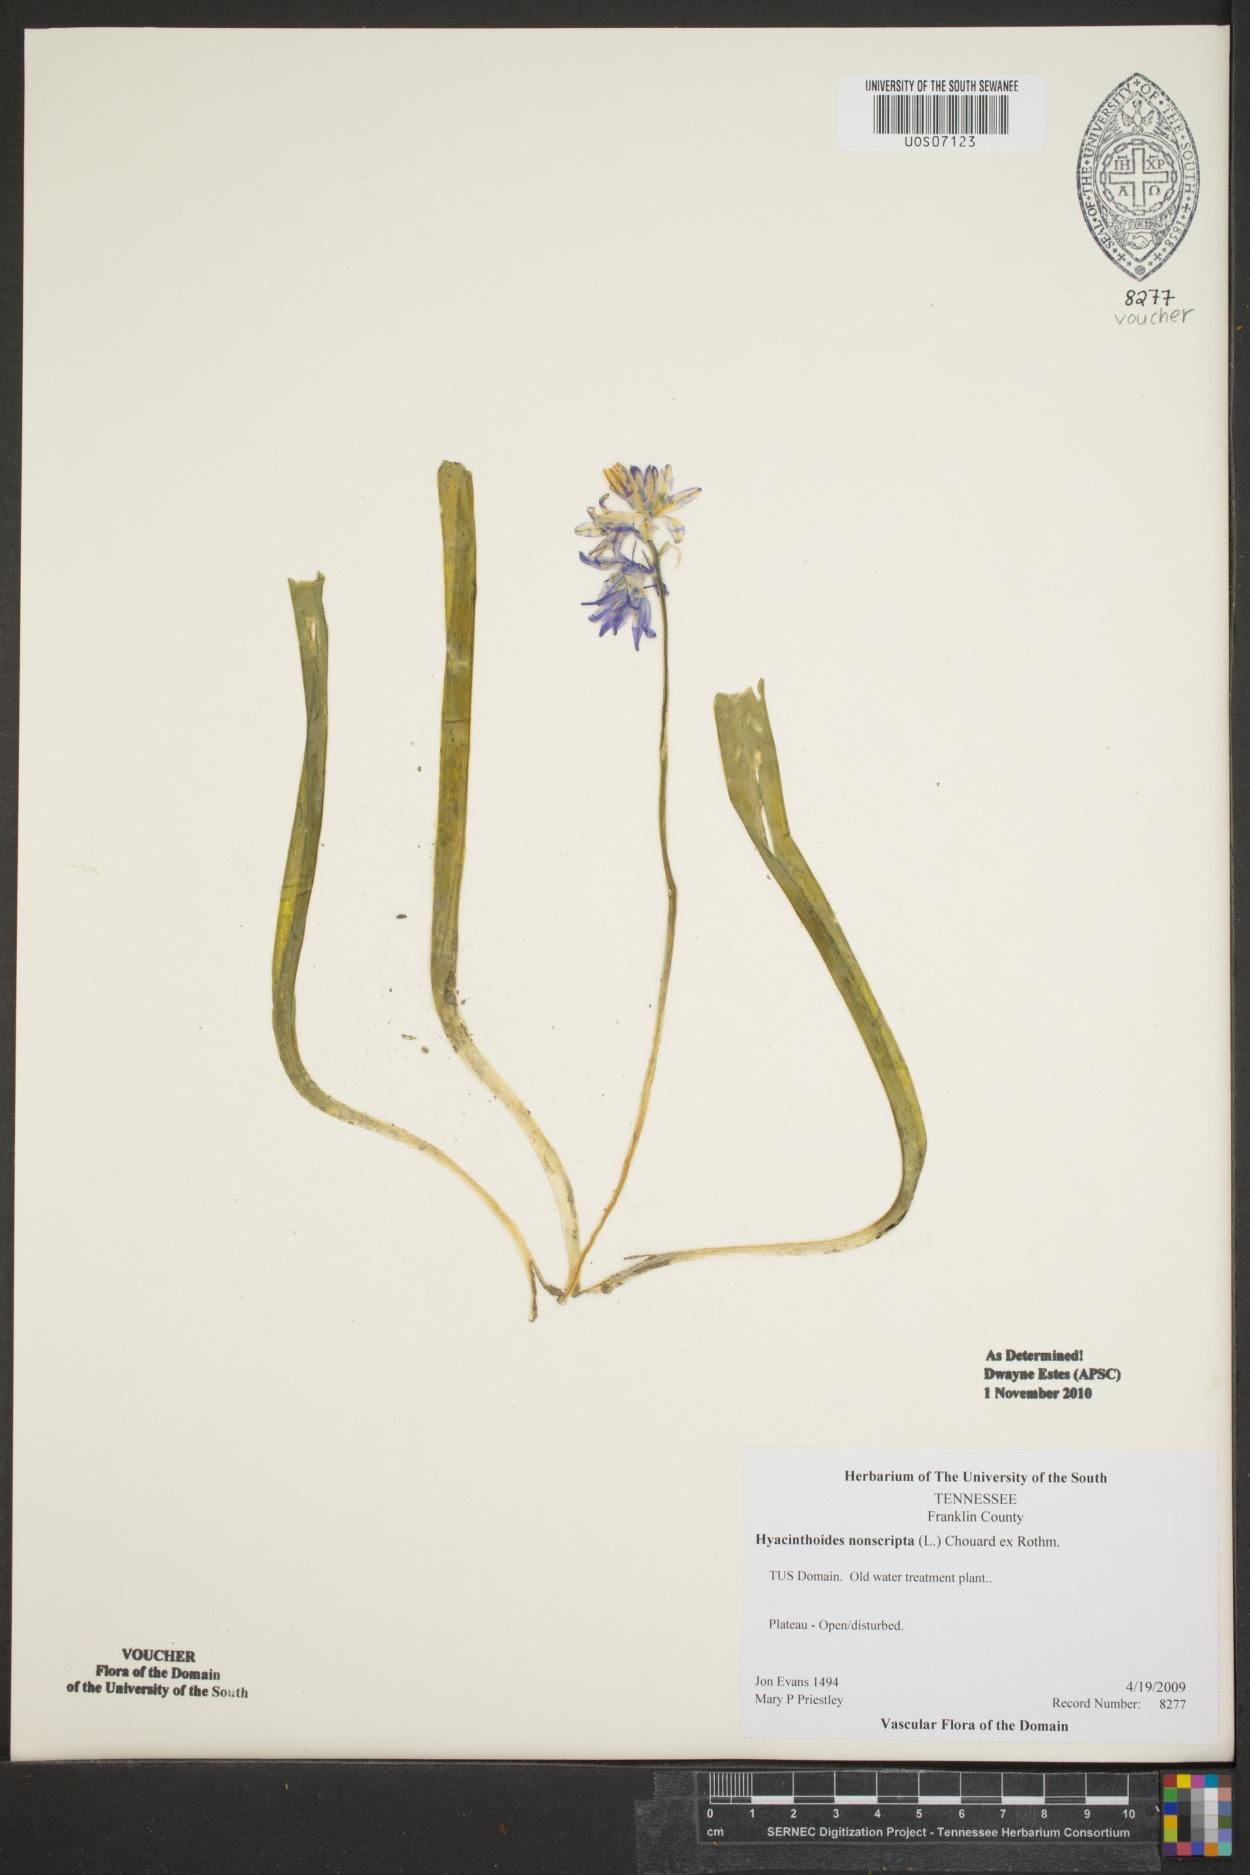 Hyacinthoides image